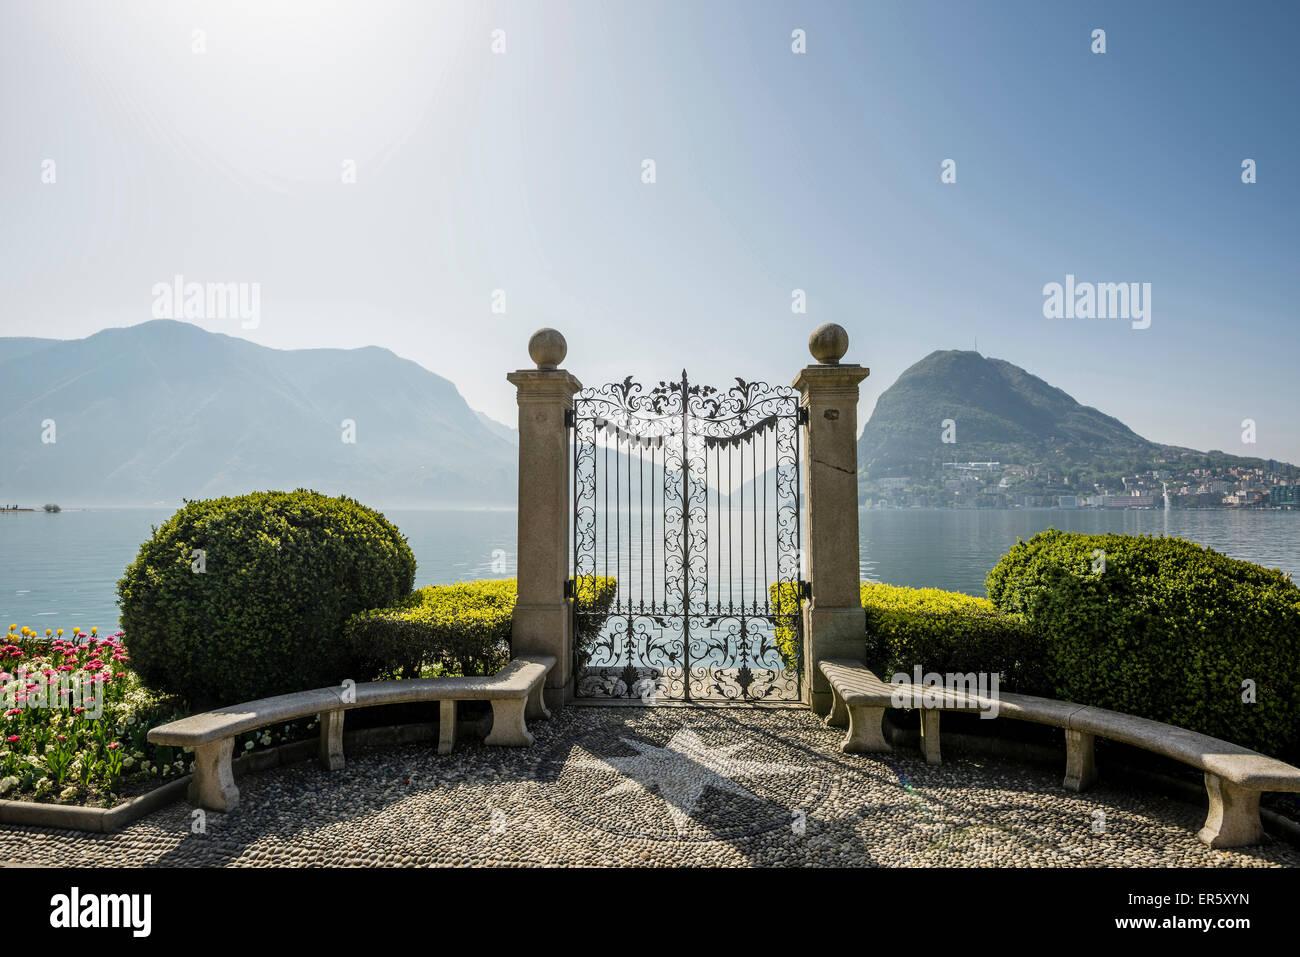 Parco Civico, Lugano, Lake Lugano, canton of Ticino, Switzerland Stock Photo